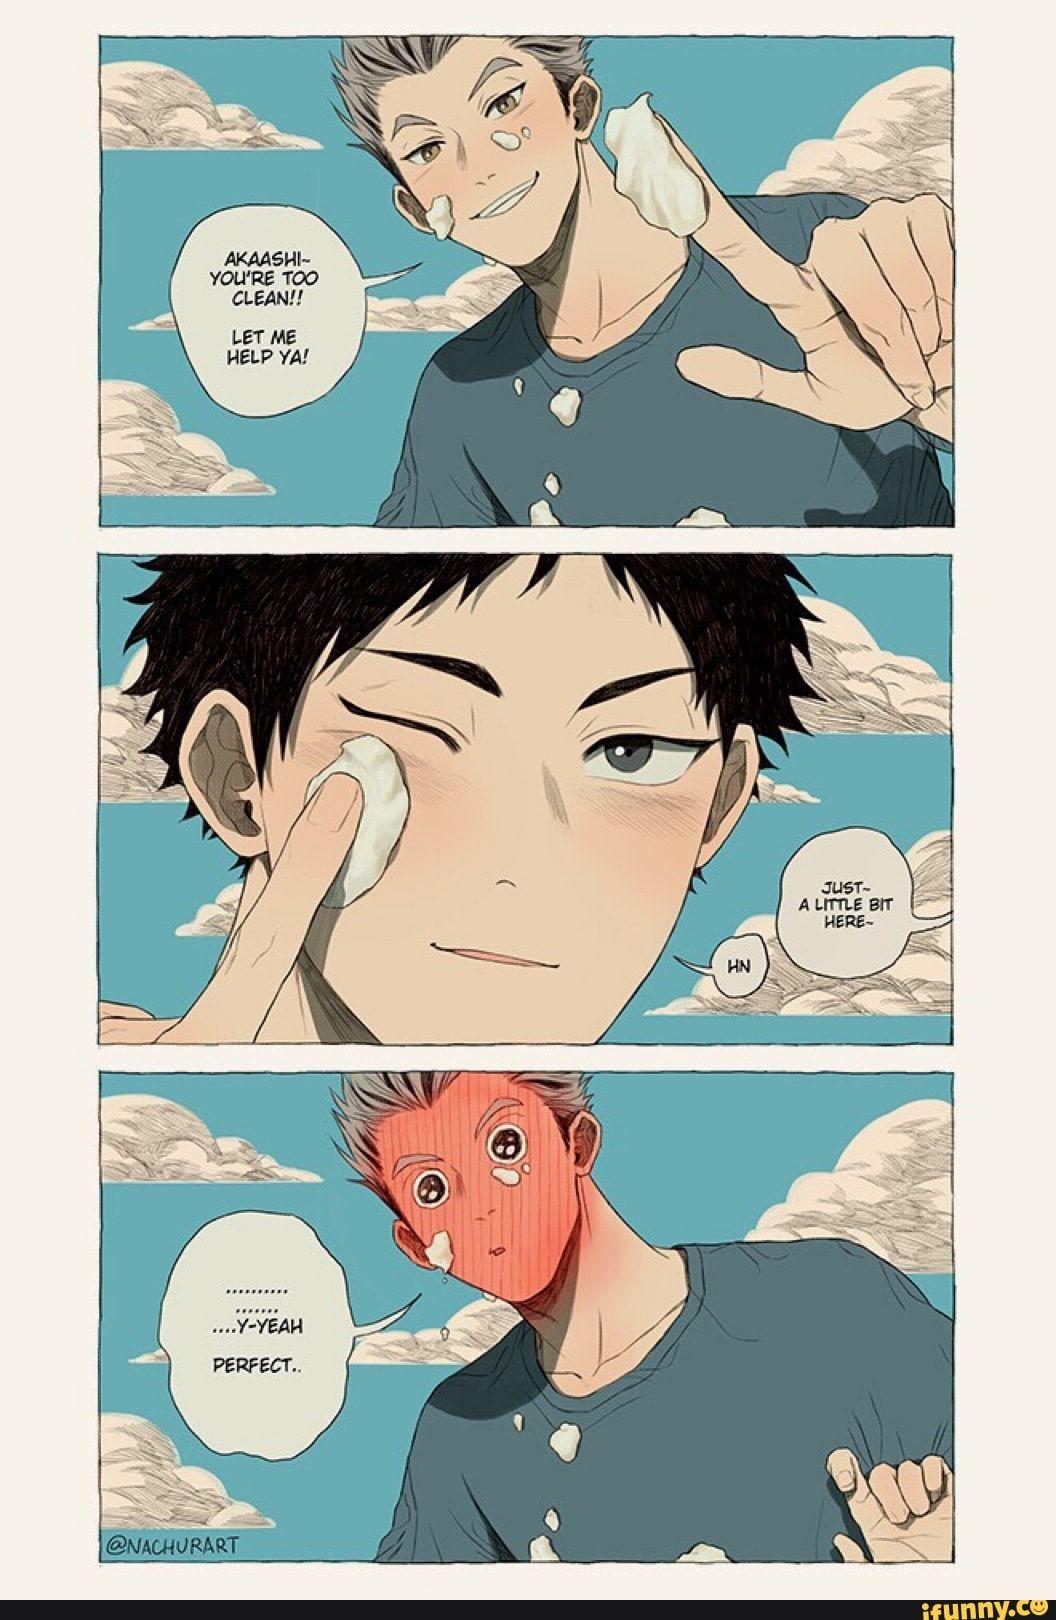 Picture Memes 7oa5hily6 By Kuroo Ifunny In 2020 Haikyuu Anime Haikyuu Bokuto Haikyuu Manga